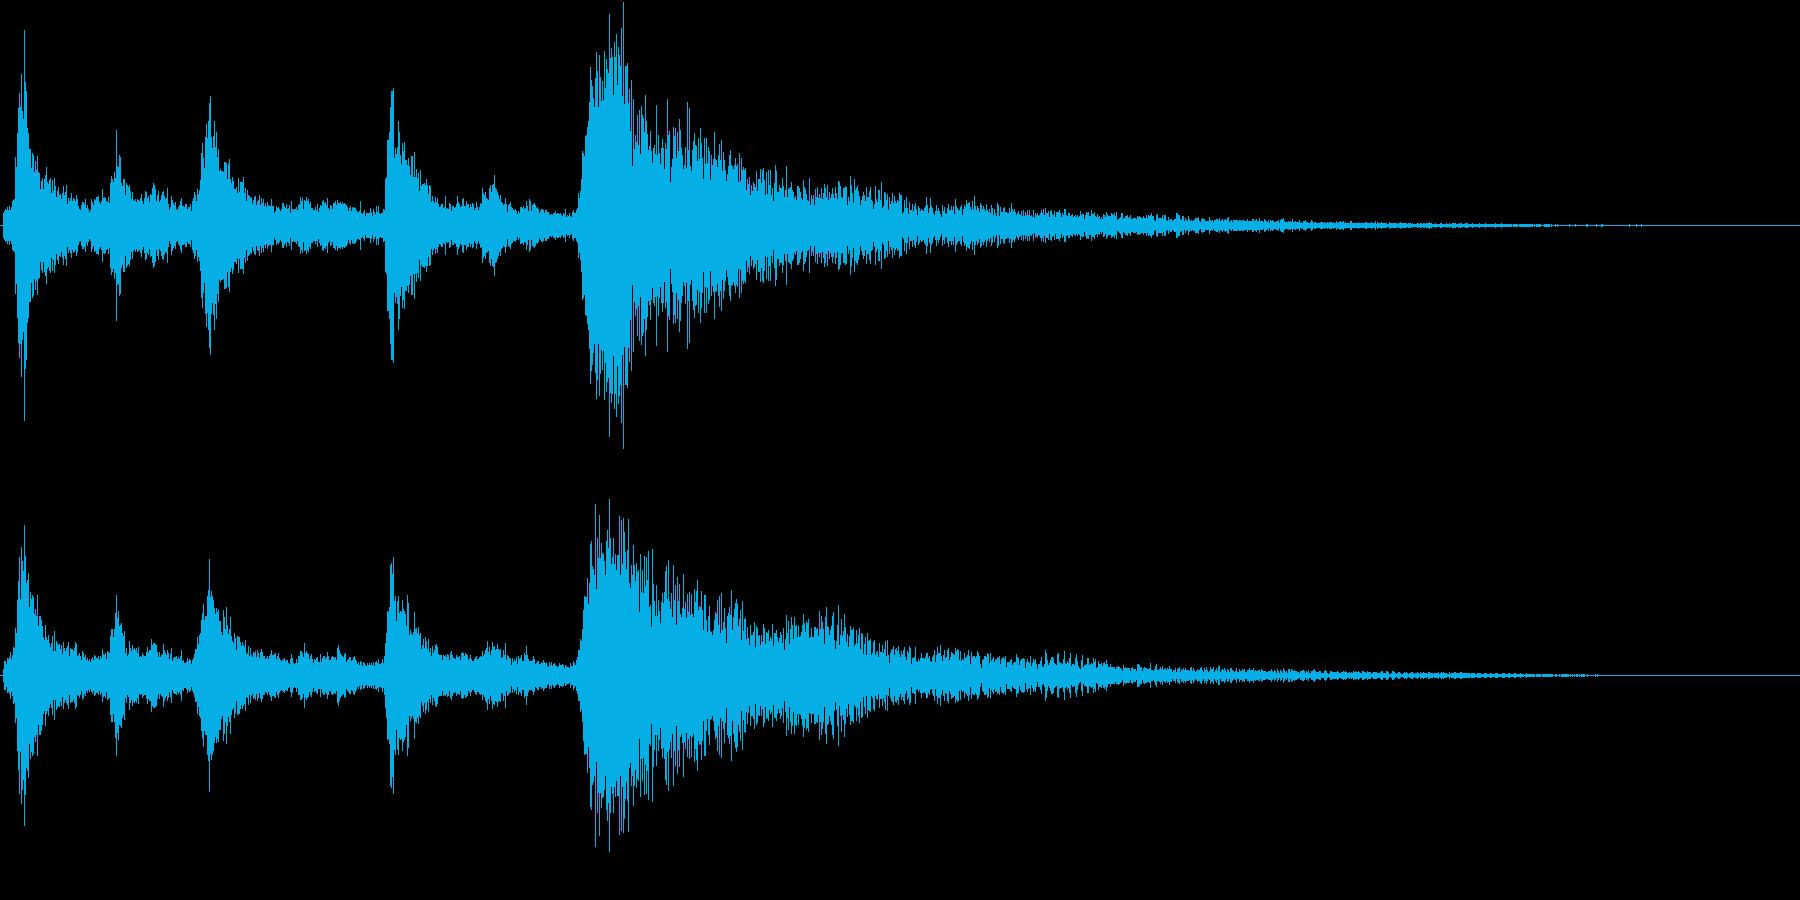 クリスマスのベル、鈴の効果音 ロゴ 10の再生済みの波形